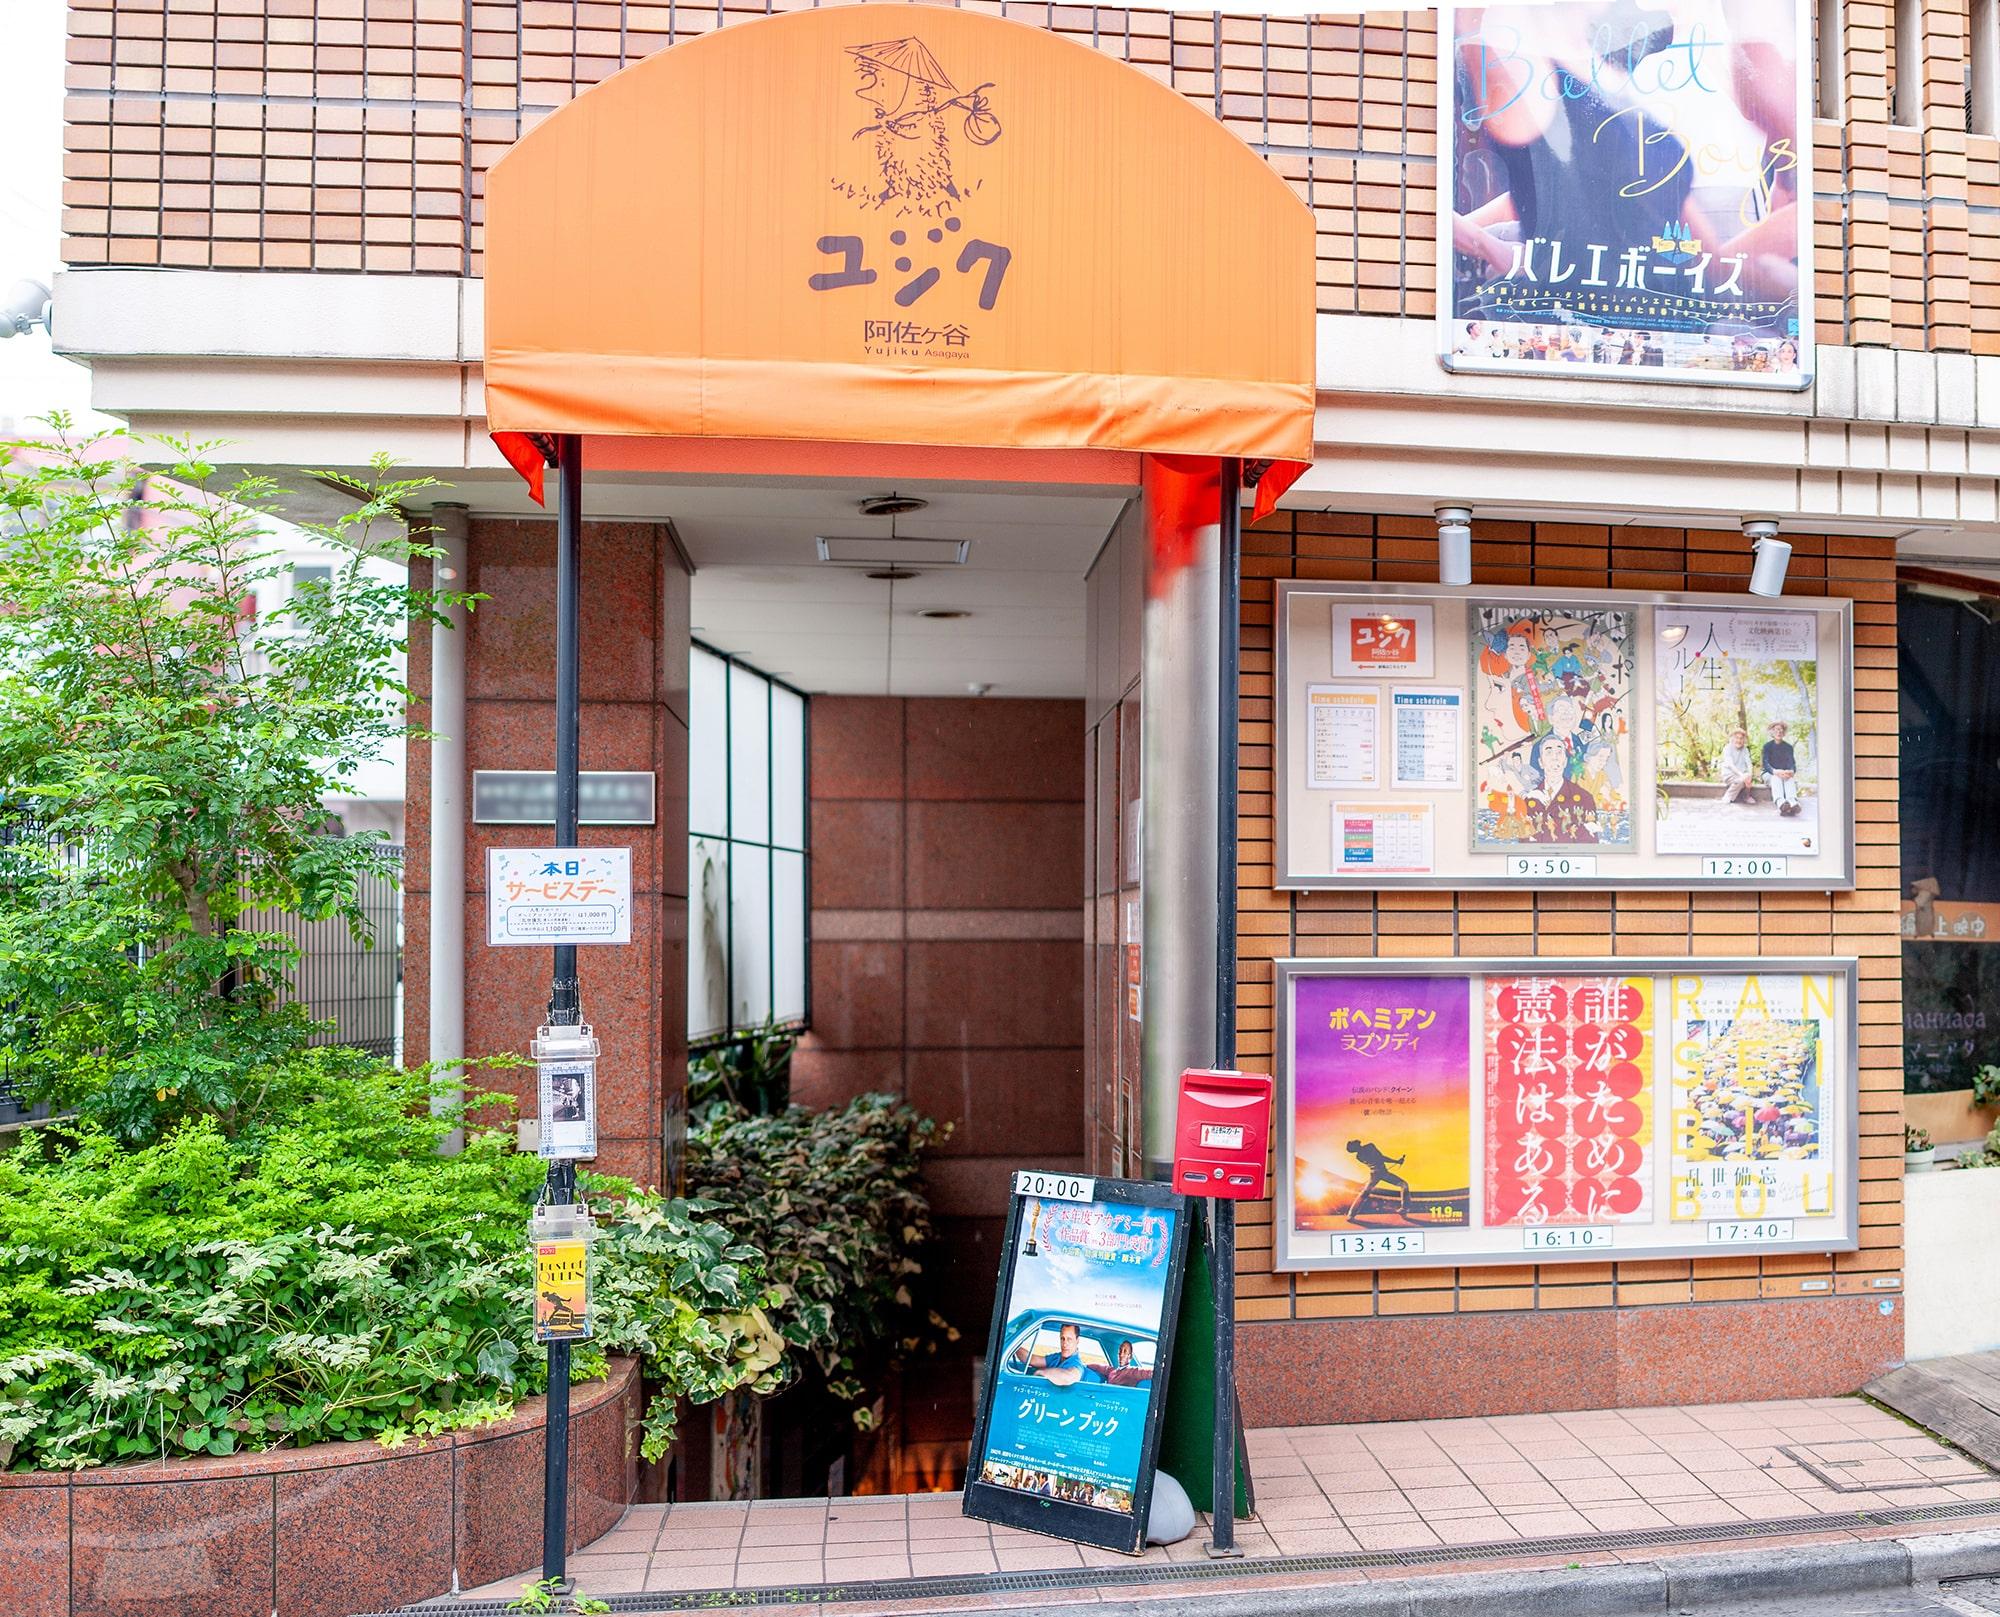 ユジク阿佐ヶ谷(東京都)